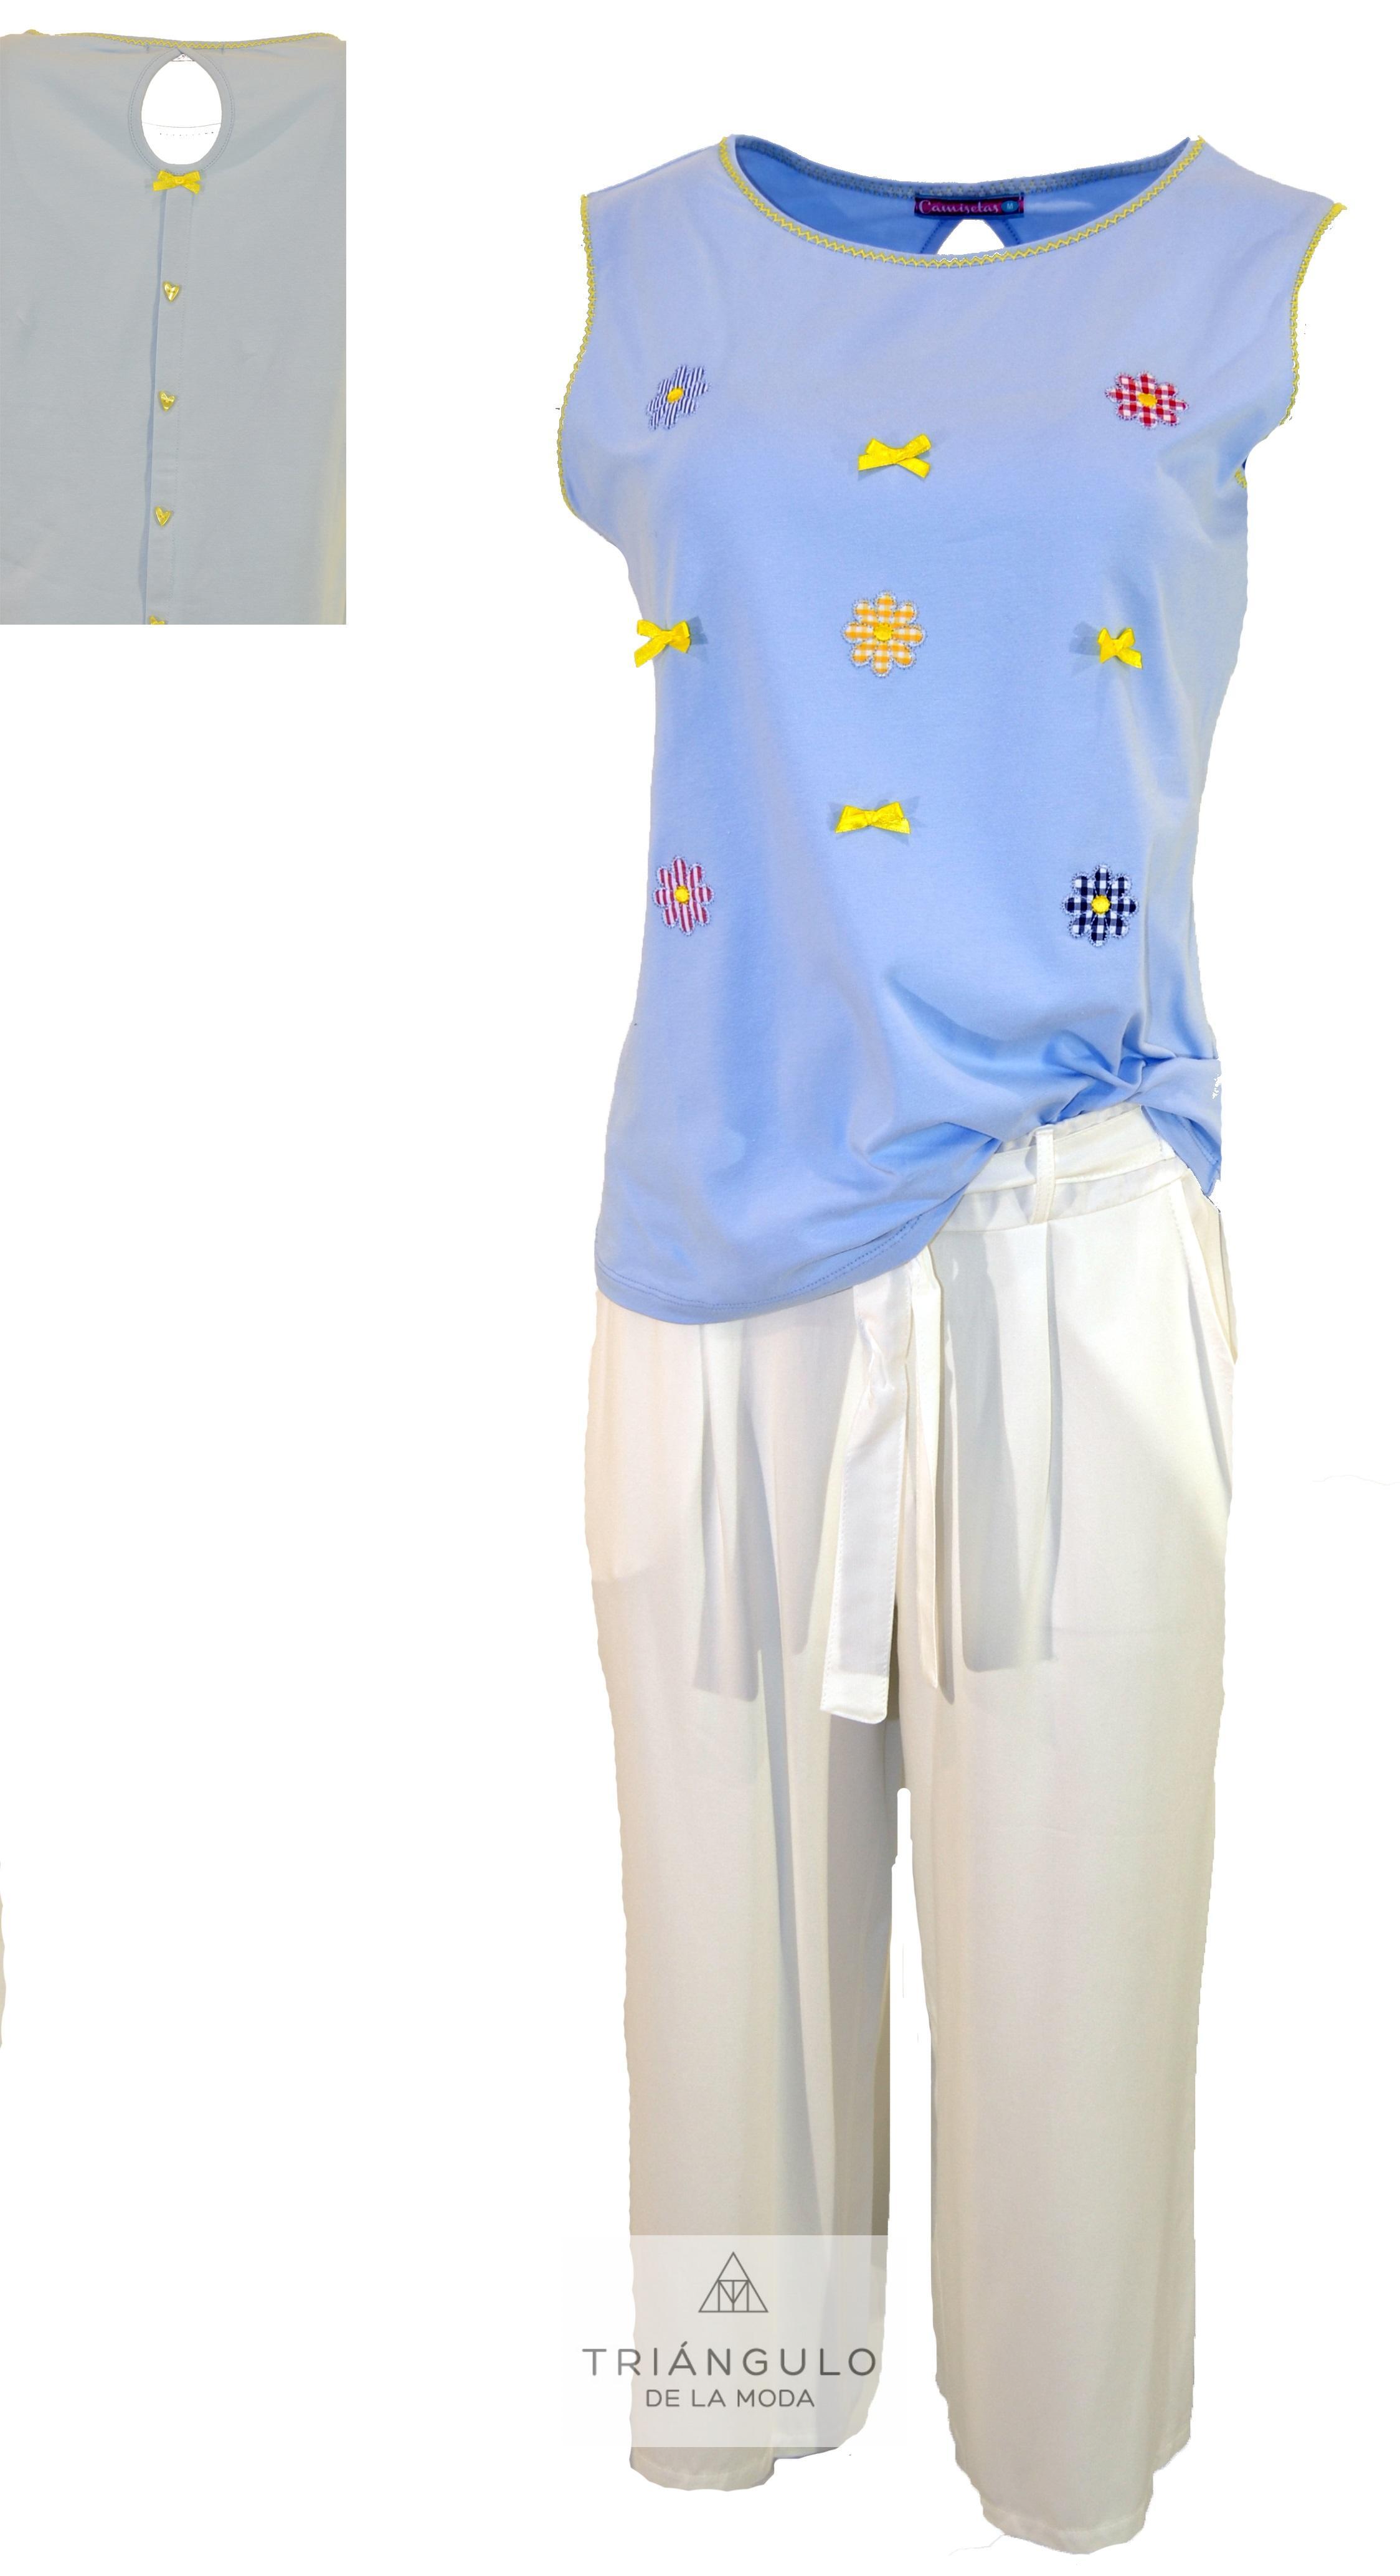 Tienda online del Triangulo de la Moda CAMISETA SIN MANGAS